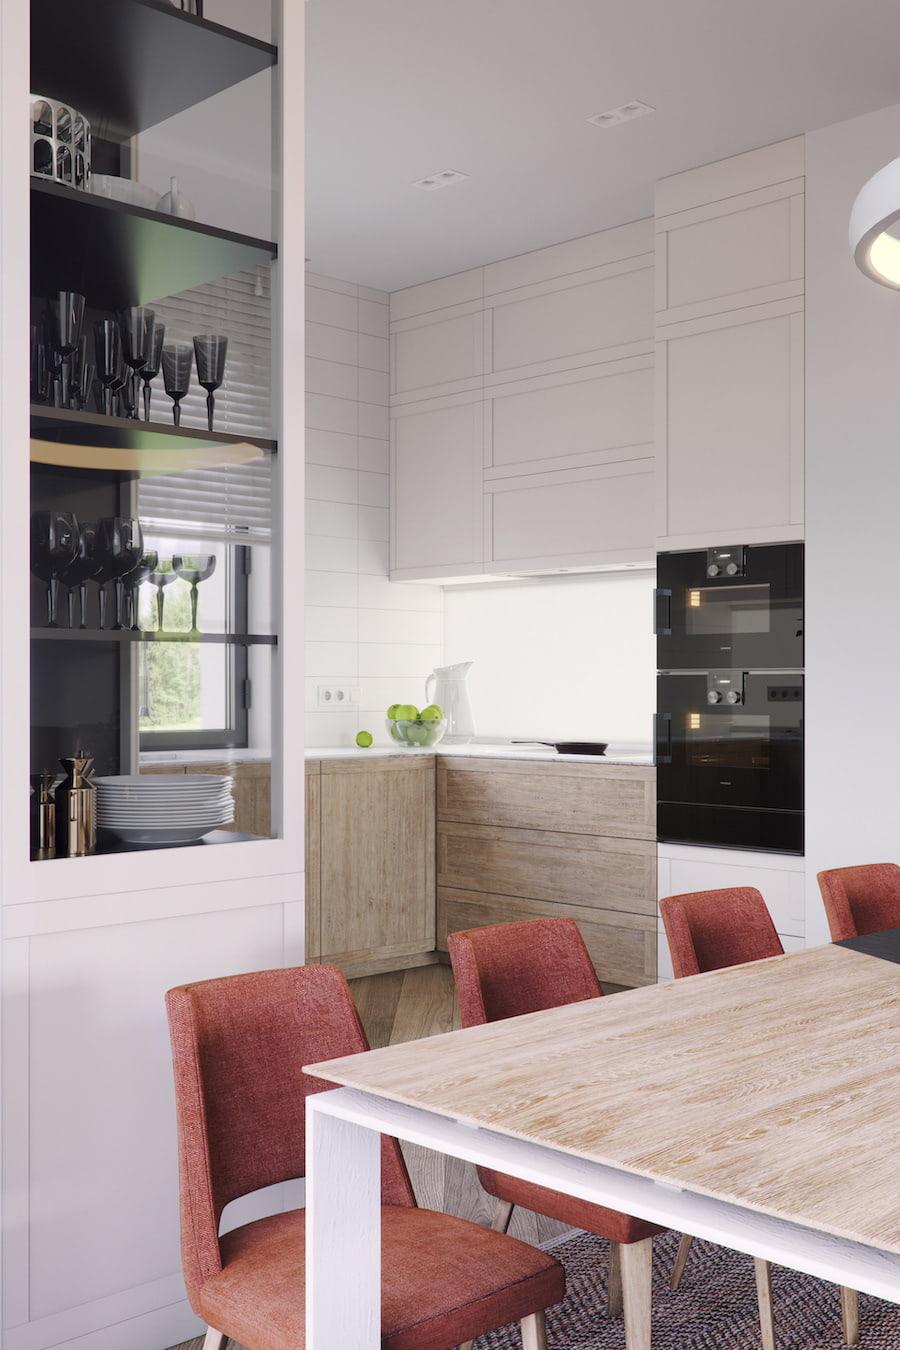 Декорировать под дерево можно не только столешницу, но и фасад нижних шкафов кухни